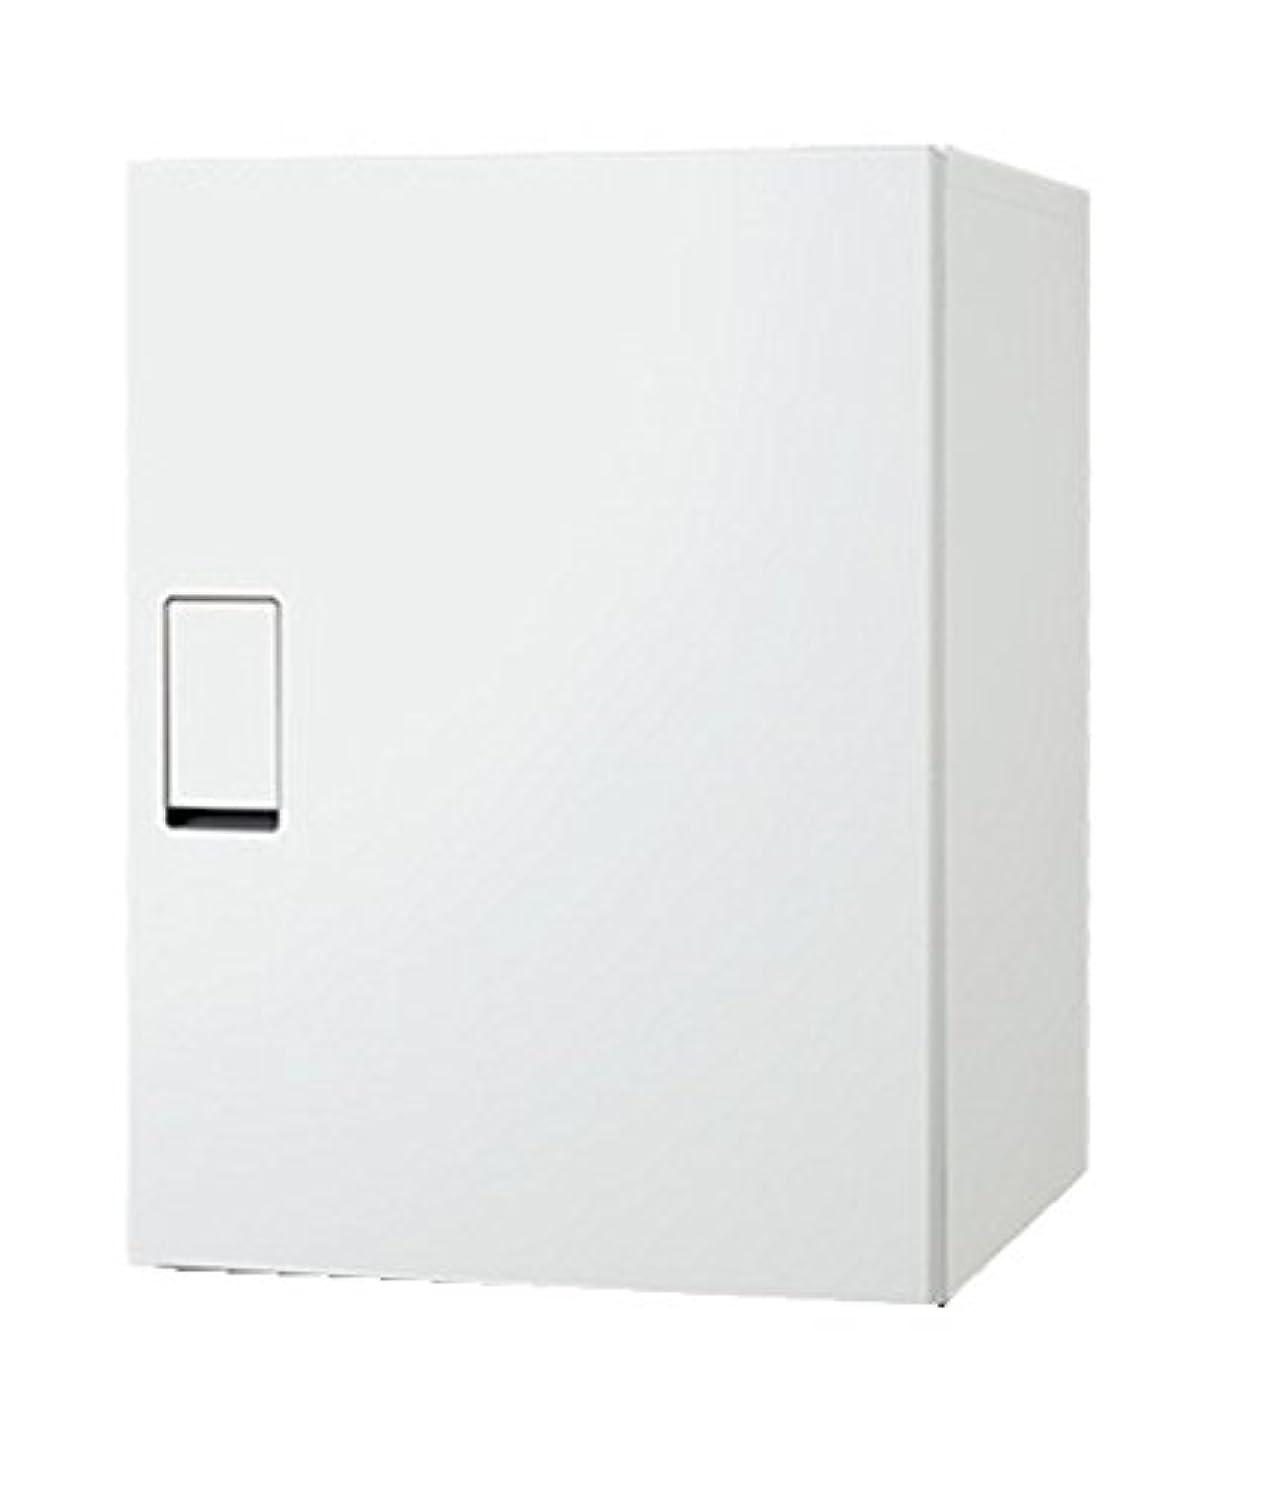 内部再開脊椎ナスタ 宅配ボックス BIG 据置タイプ 受取?発送対応 ボックス本体 ホワイトXホワイト KS-TLT450-S600-WW 1台